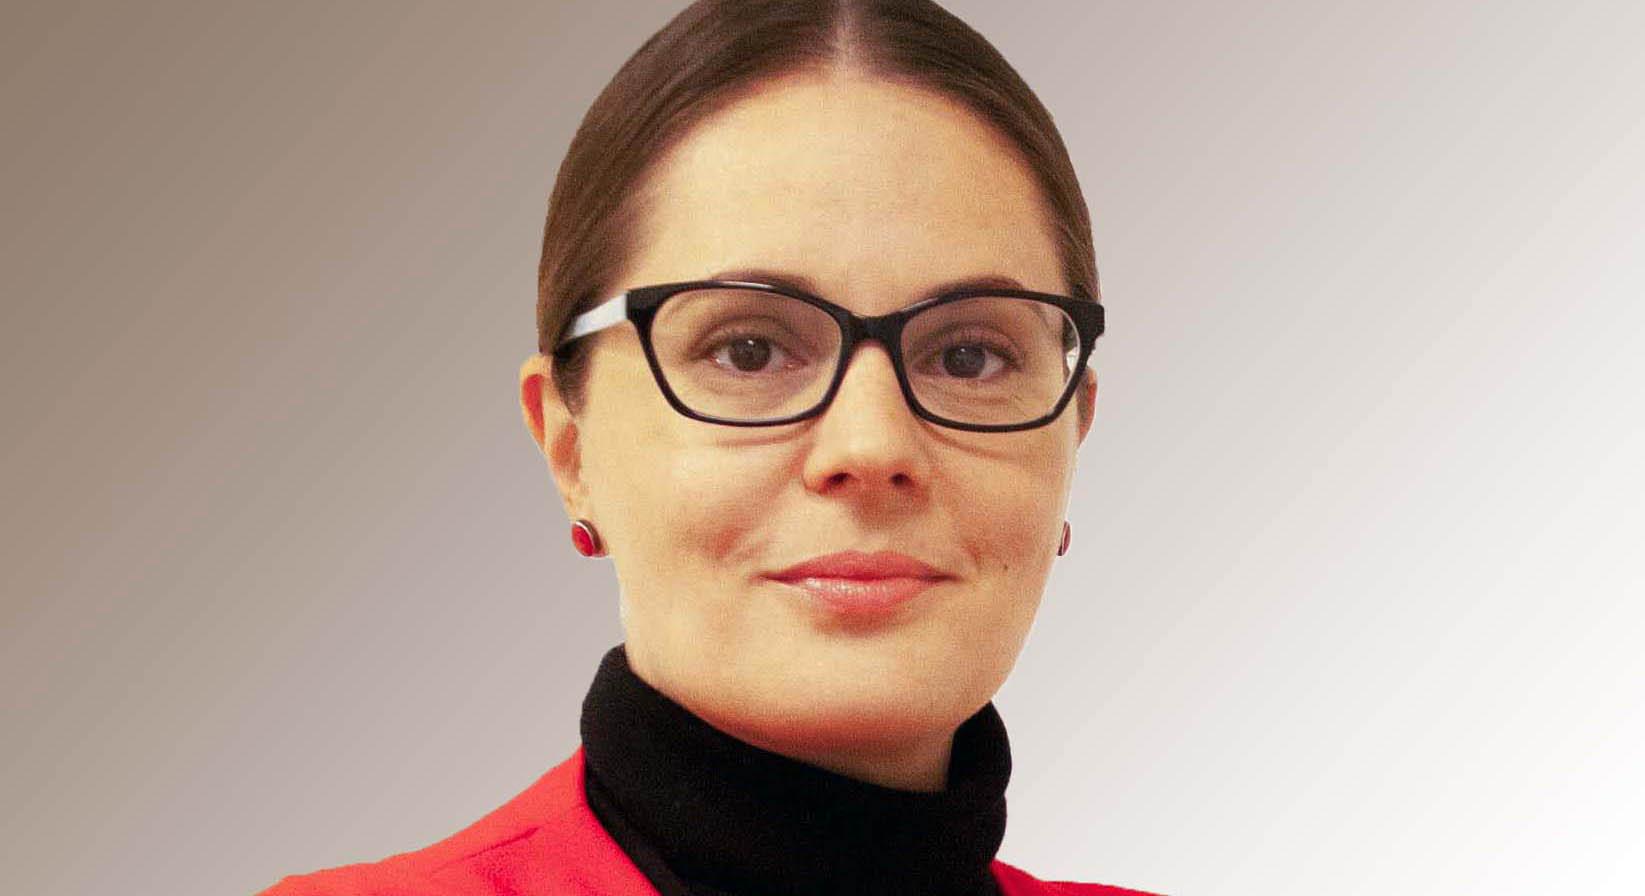 01 ноября в ЦМТ в рамках форума Международный день импорта и экспорта 2019 состоится мастер-класс ЭКСПОшколы Елены Конвисар